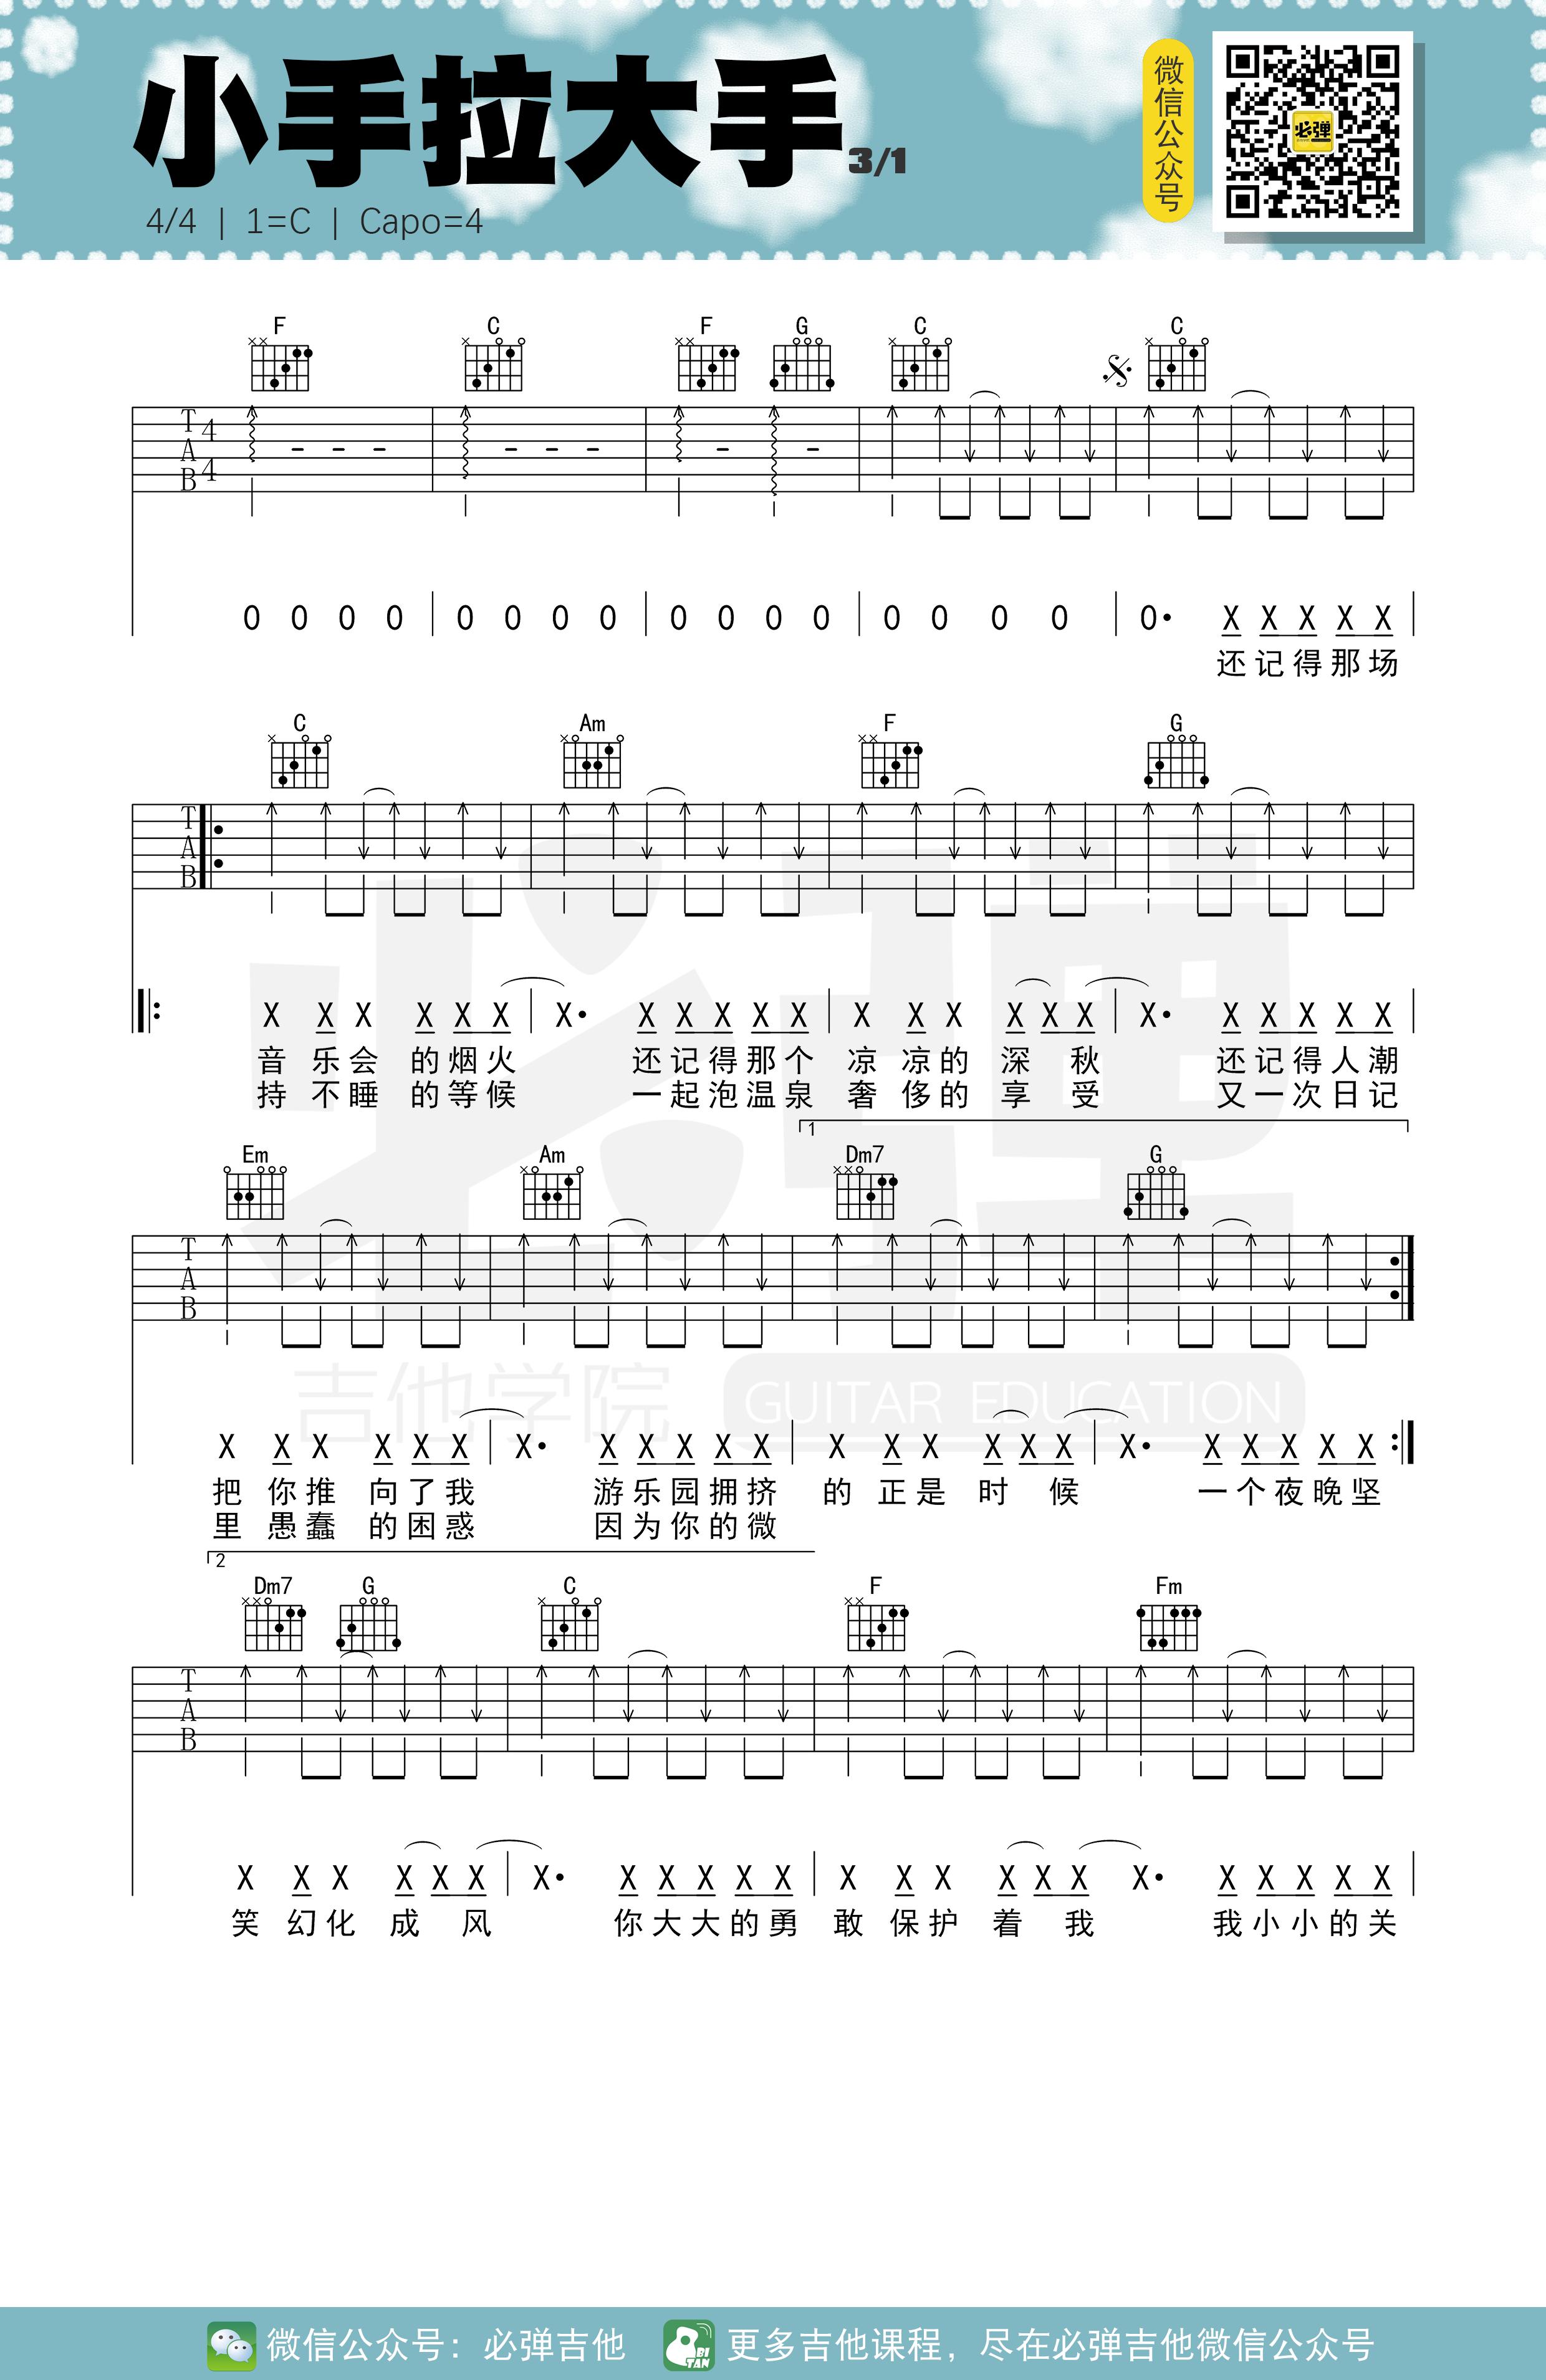 小手拉大手(必弹吉他)吉他谱(图片谱,弹唱,吉他谱,吉他弹唱)_梁静茹(Fish Leong)_kgq5bxen0xs4iva1bv4b.png